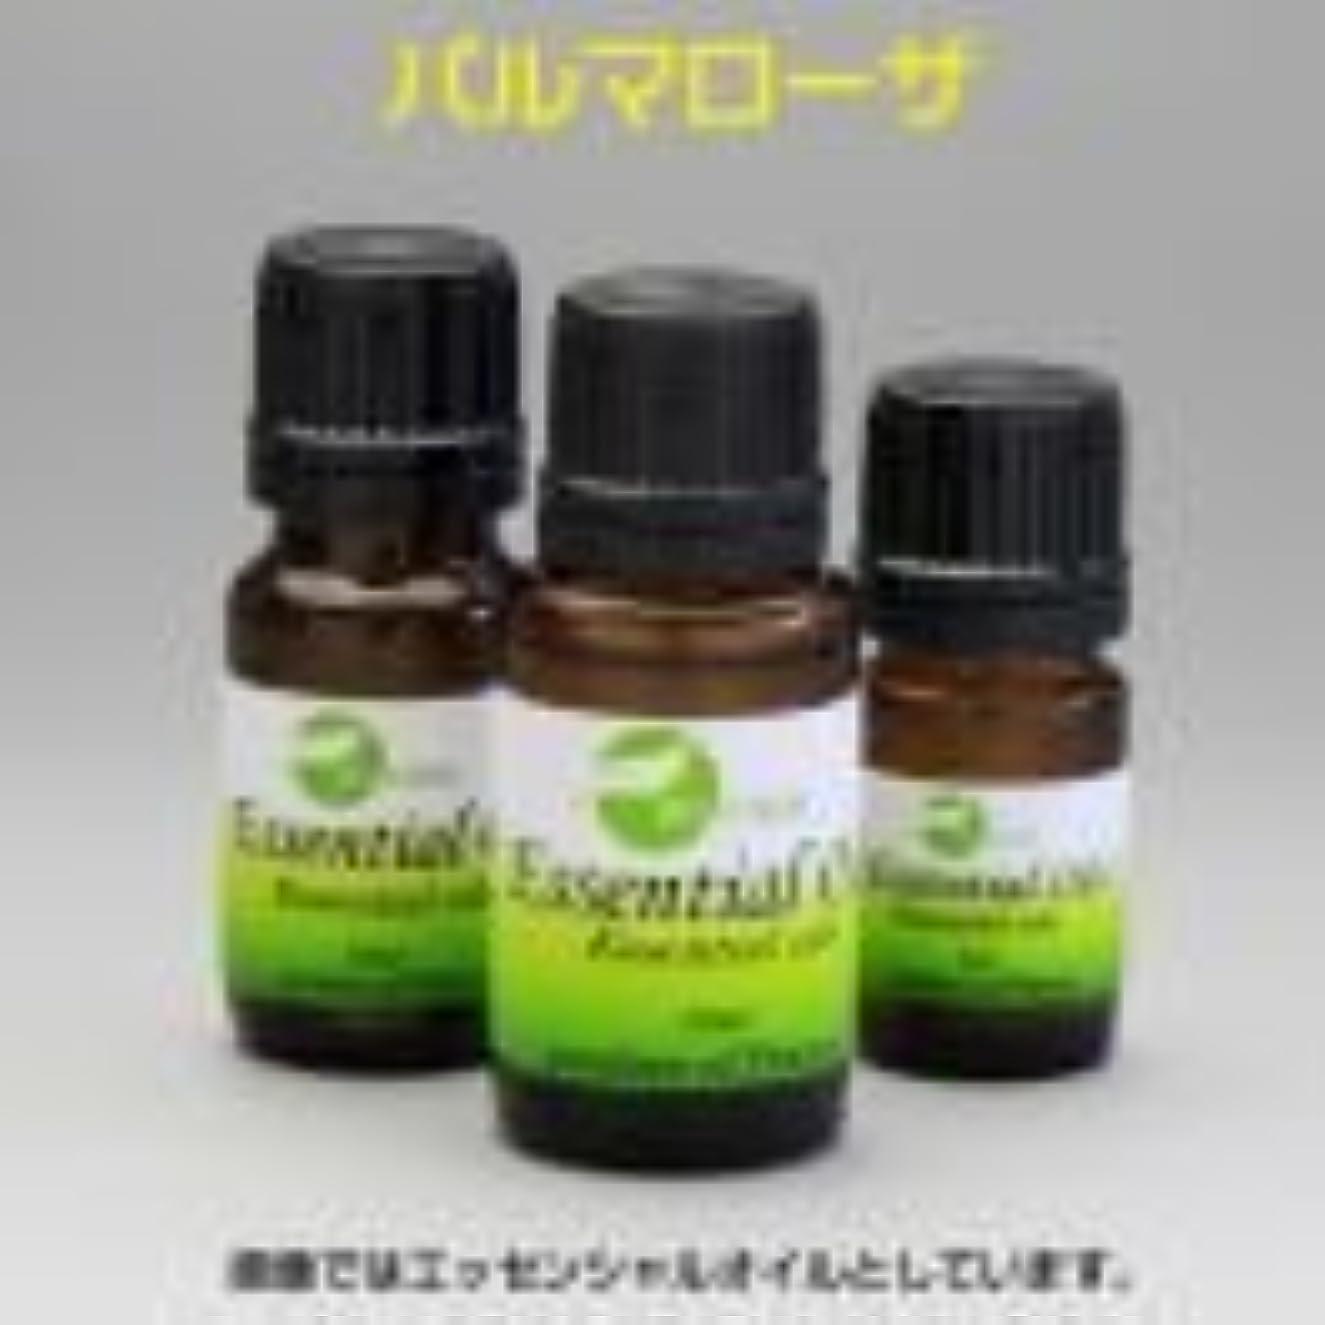 ひももろいレンド[エッセンシャルオイル] ローズに似た甘いフローラルな香り パルマローザ 15ml